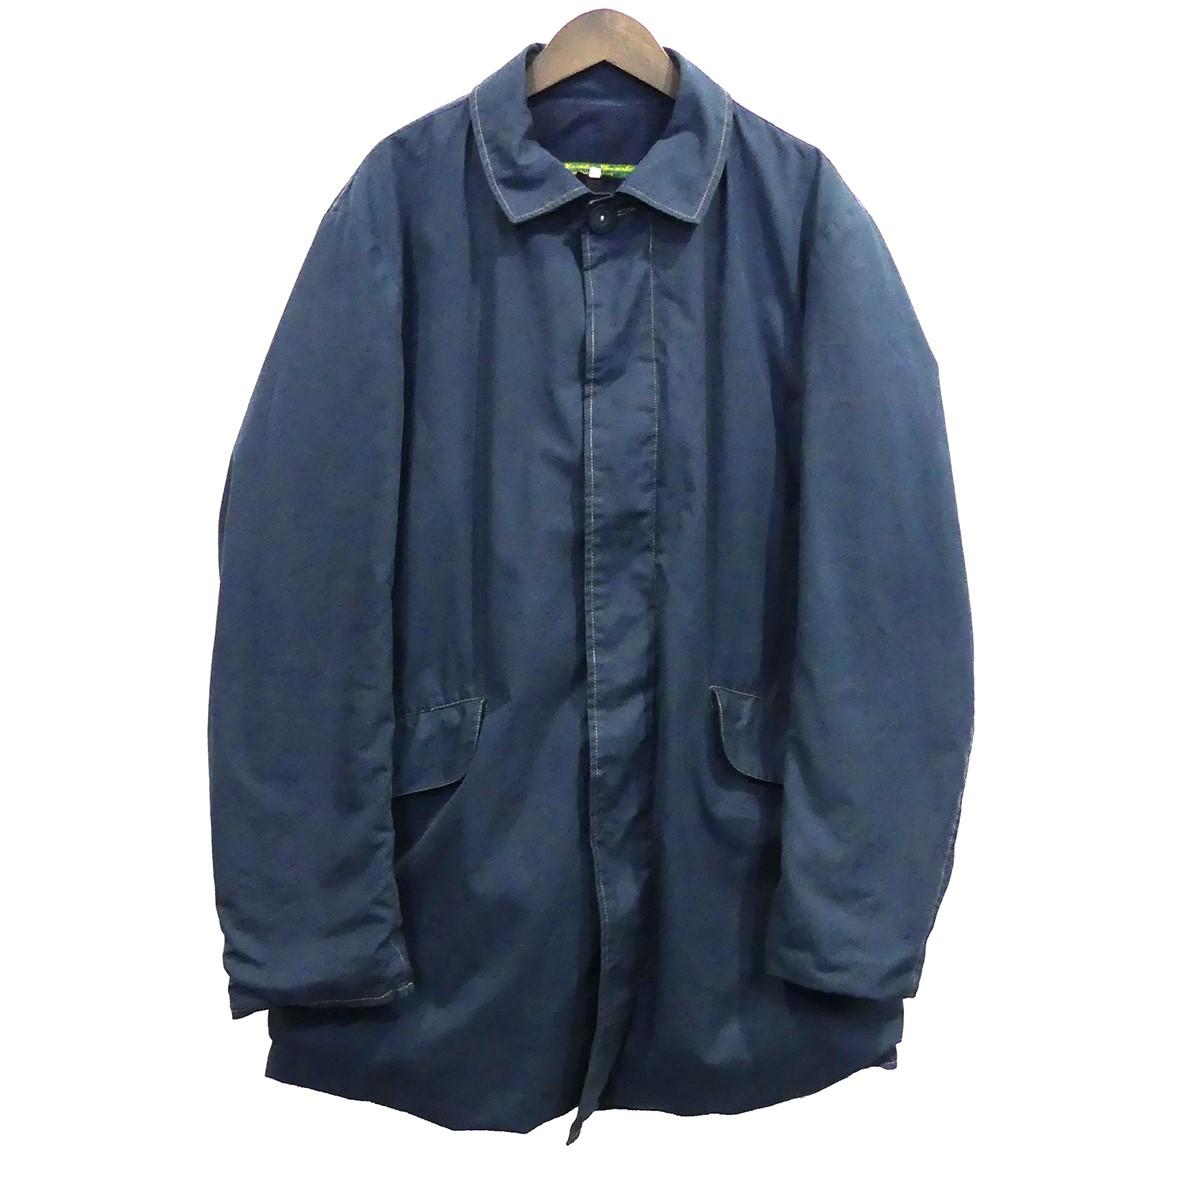 【中古】PAUL HARNDENショートマックコート ブルー サイズ:S 【3月12日見直し】